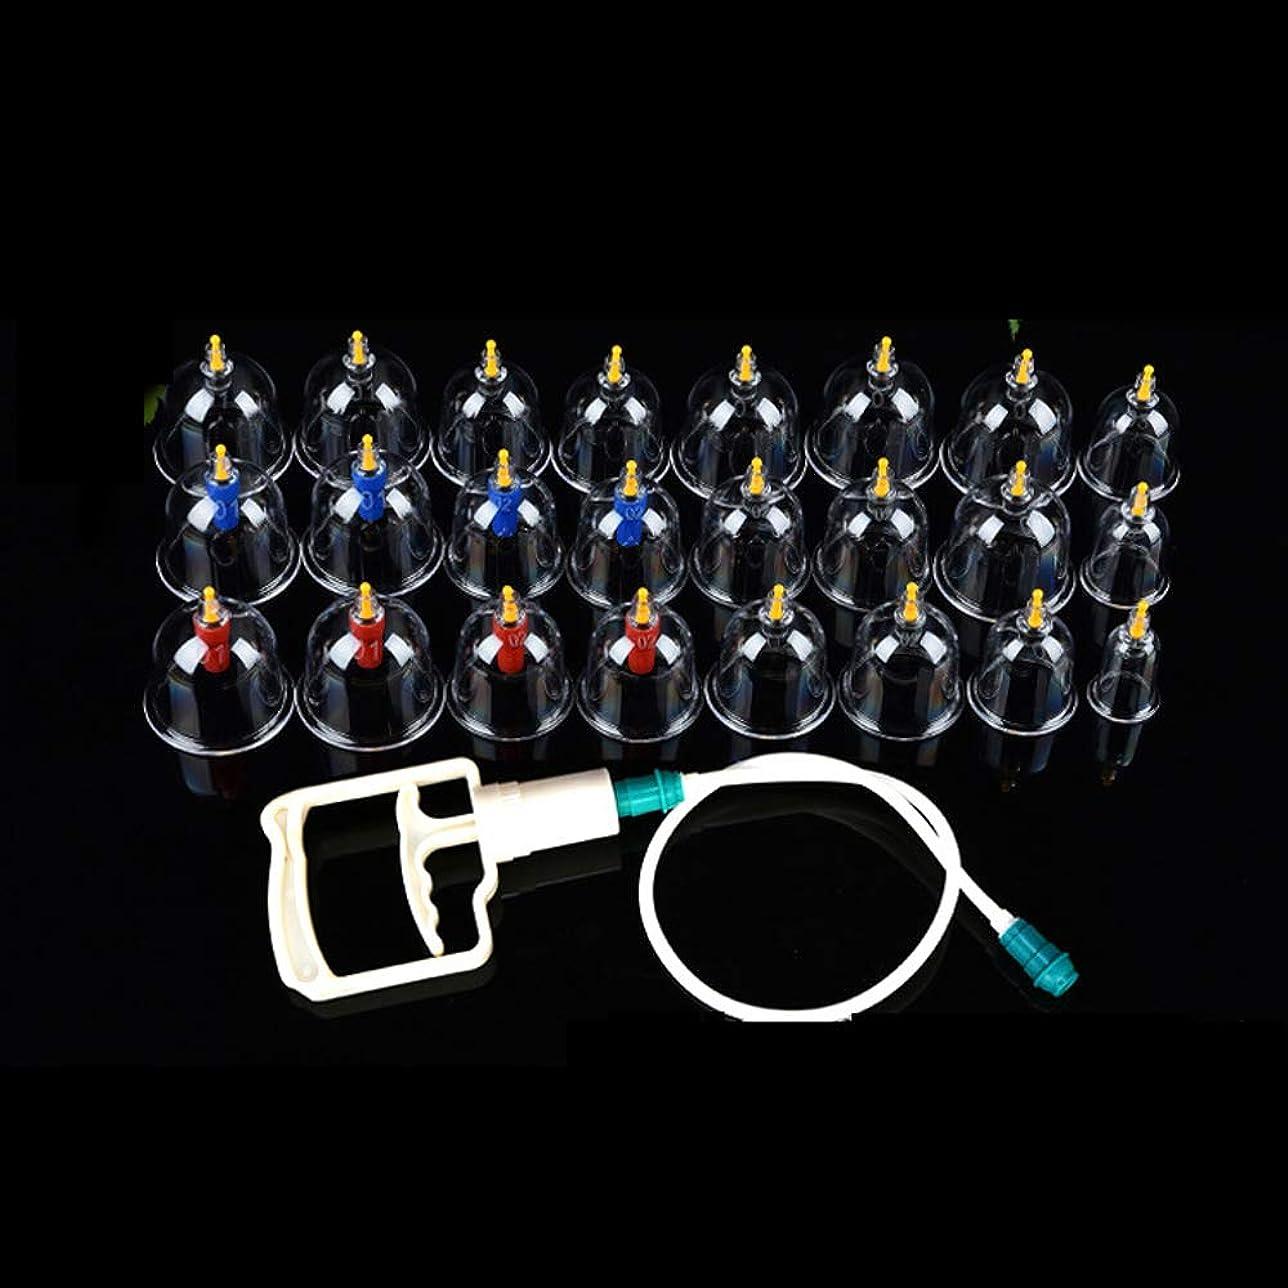 改革純度色合いixaer カッピング 吸い玉 カッピング セット真空マッサージ吸い玉 マッサージカップ マッサージセラピー 中国式療法 圧力解消 血液の循環を促進 マッサージ効果 (24個セット)